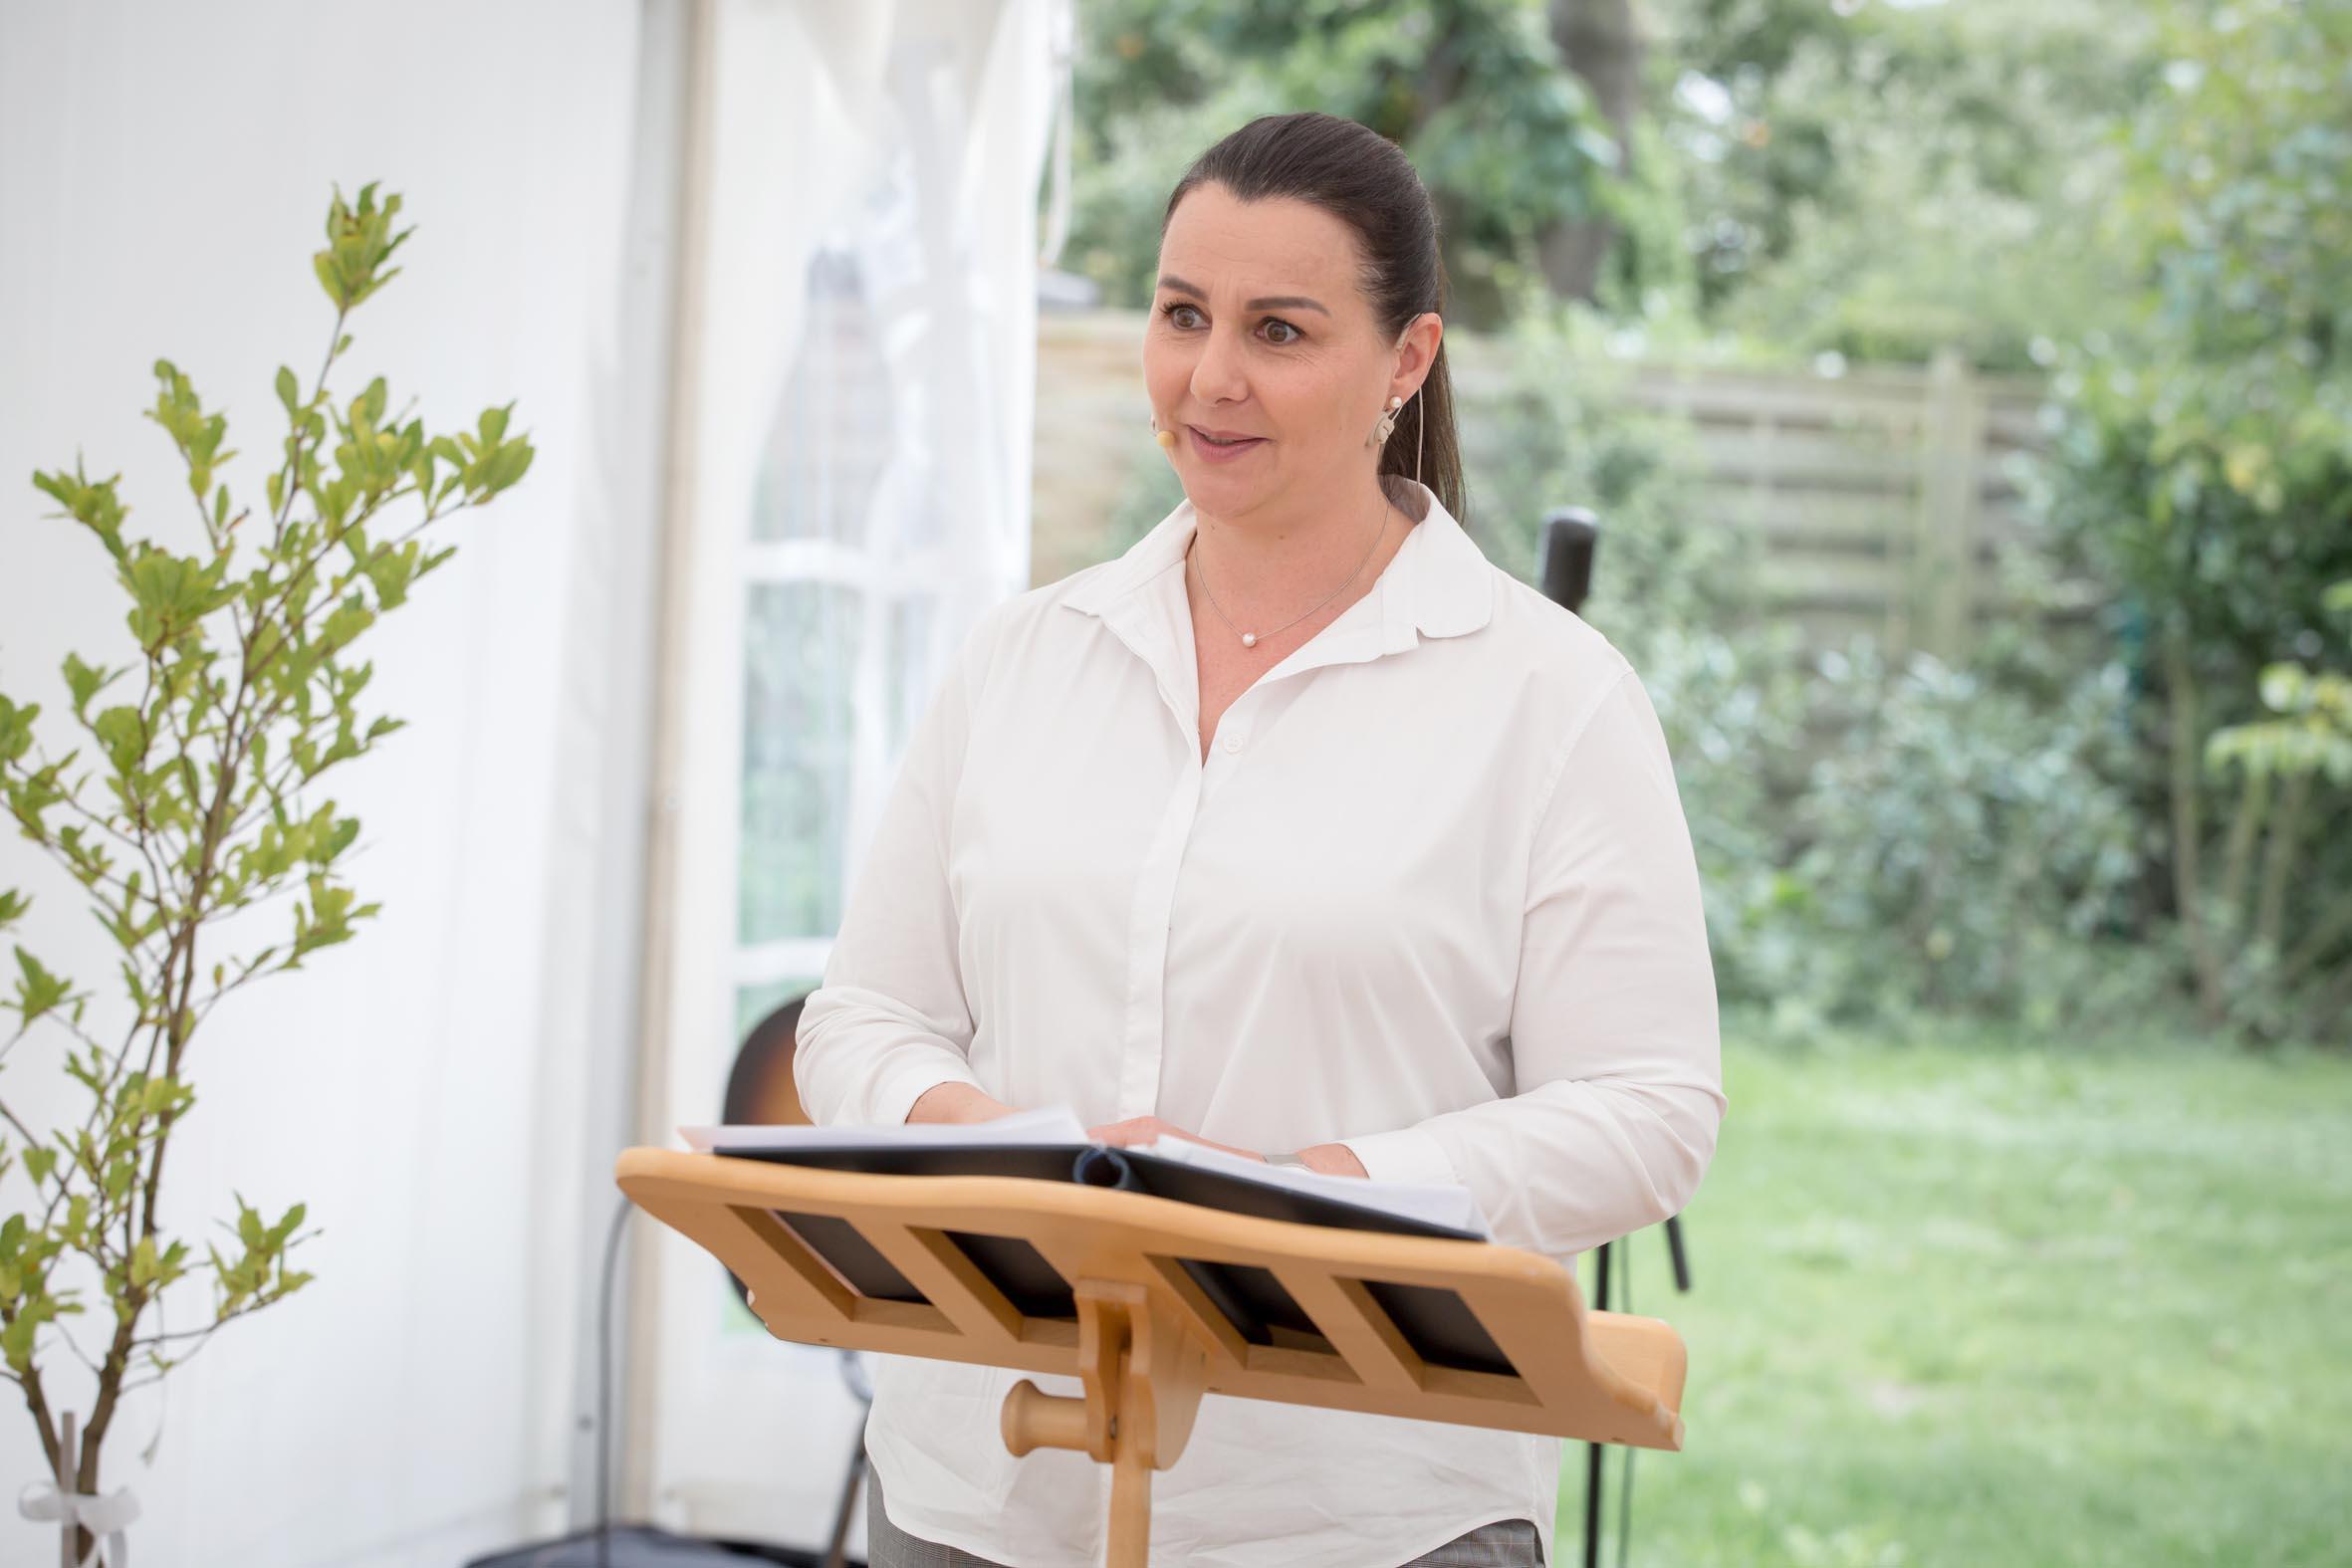 Hochzeitsrednerin Doreen Werding - Ritualeinführung